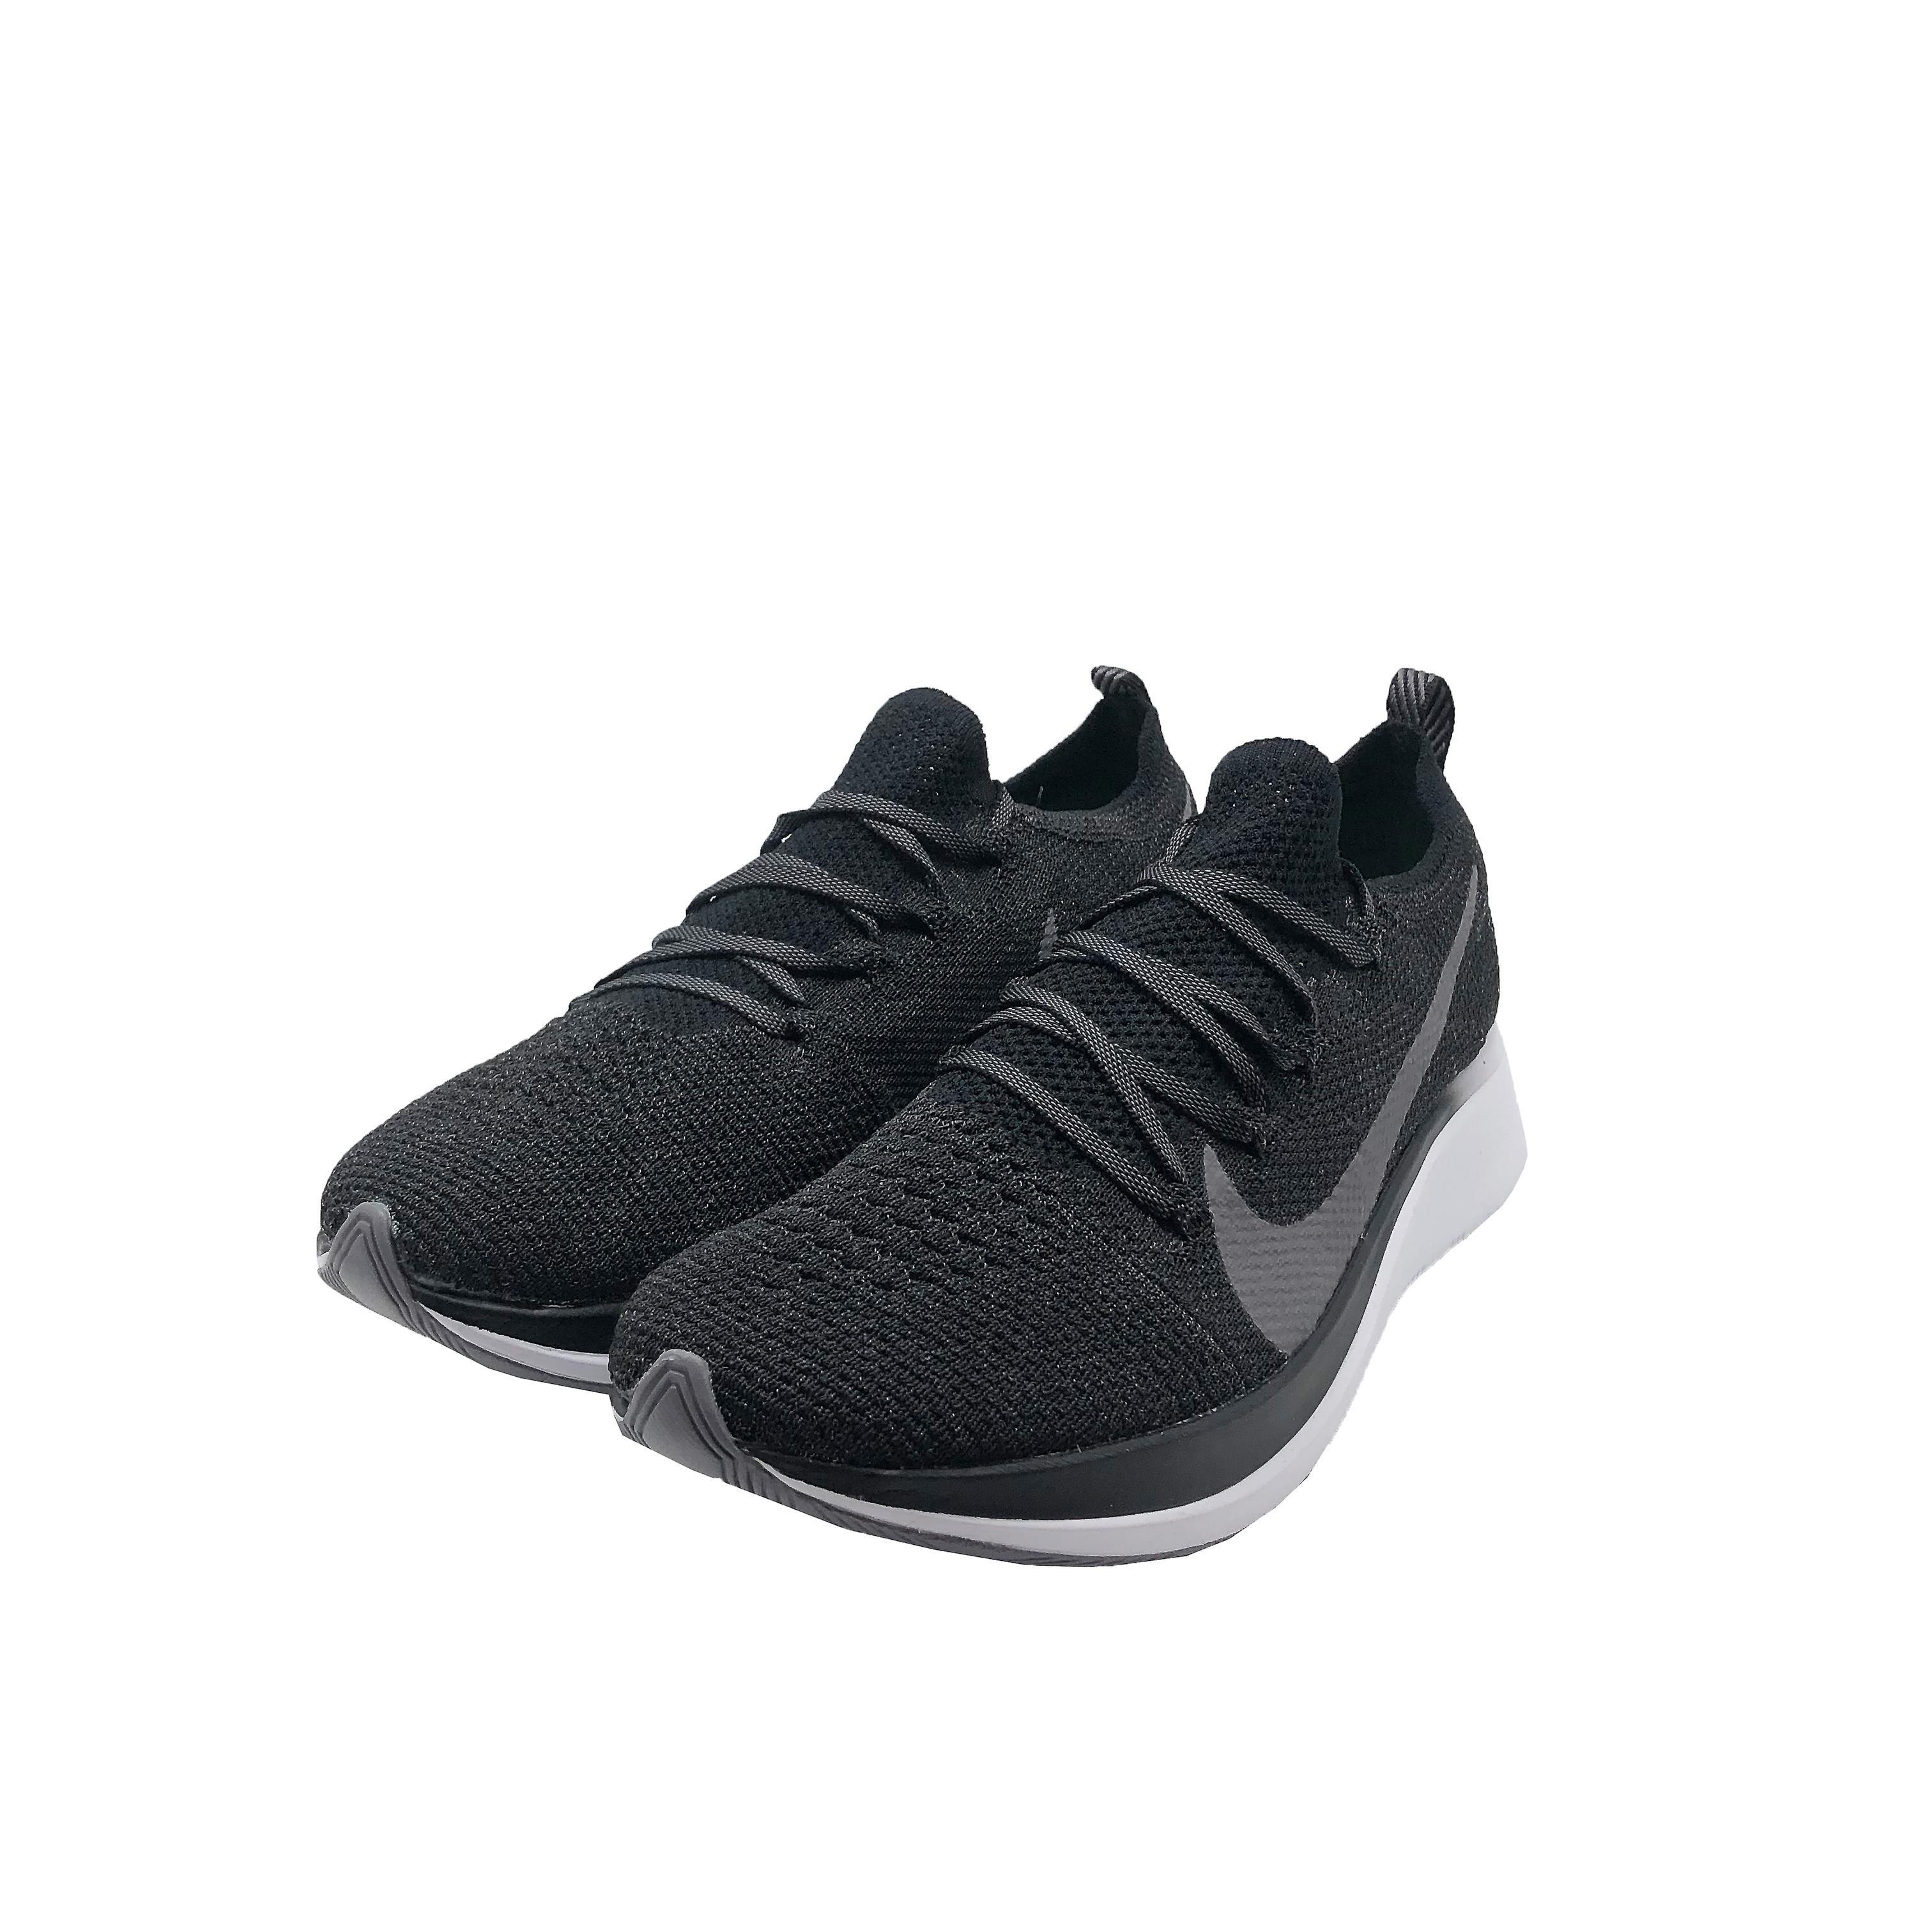 Nike Zoom fly Flyknit AR4562 081 dam tränings skor